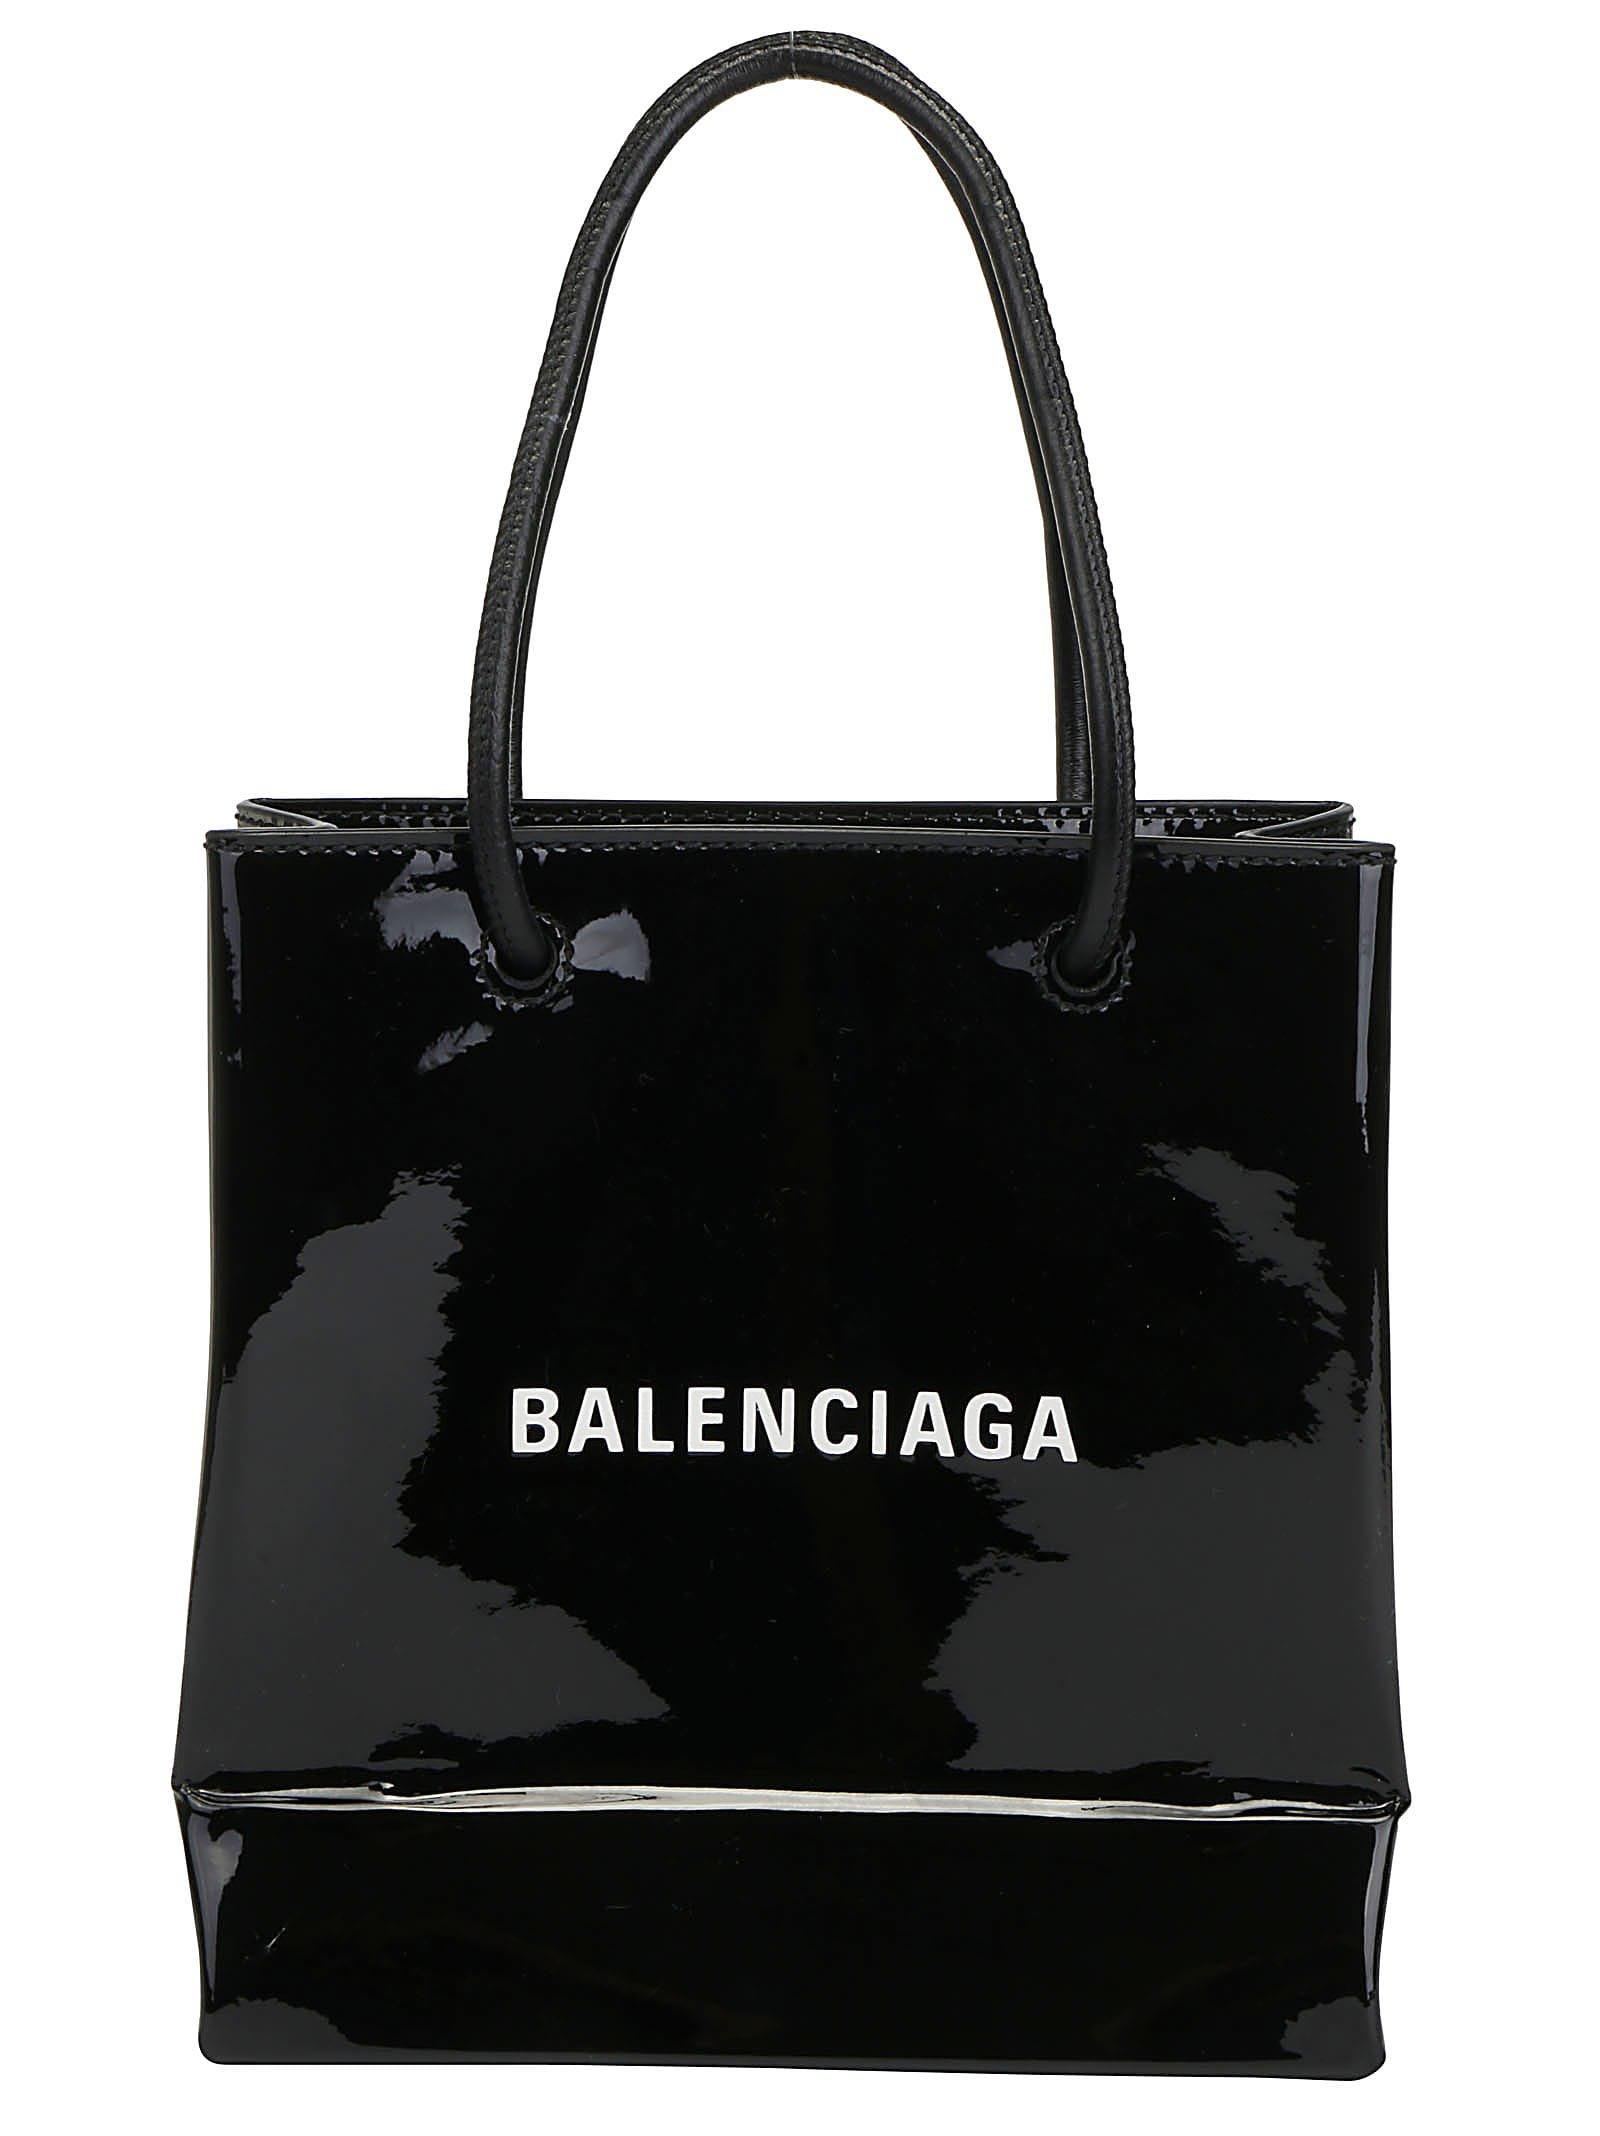 Balenciaga Shopping Tote Xxs Handbag